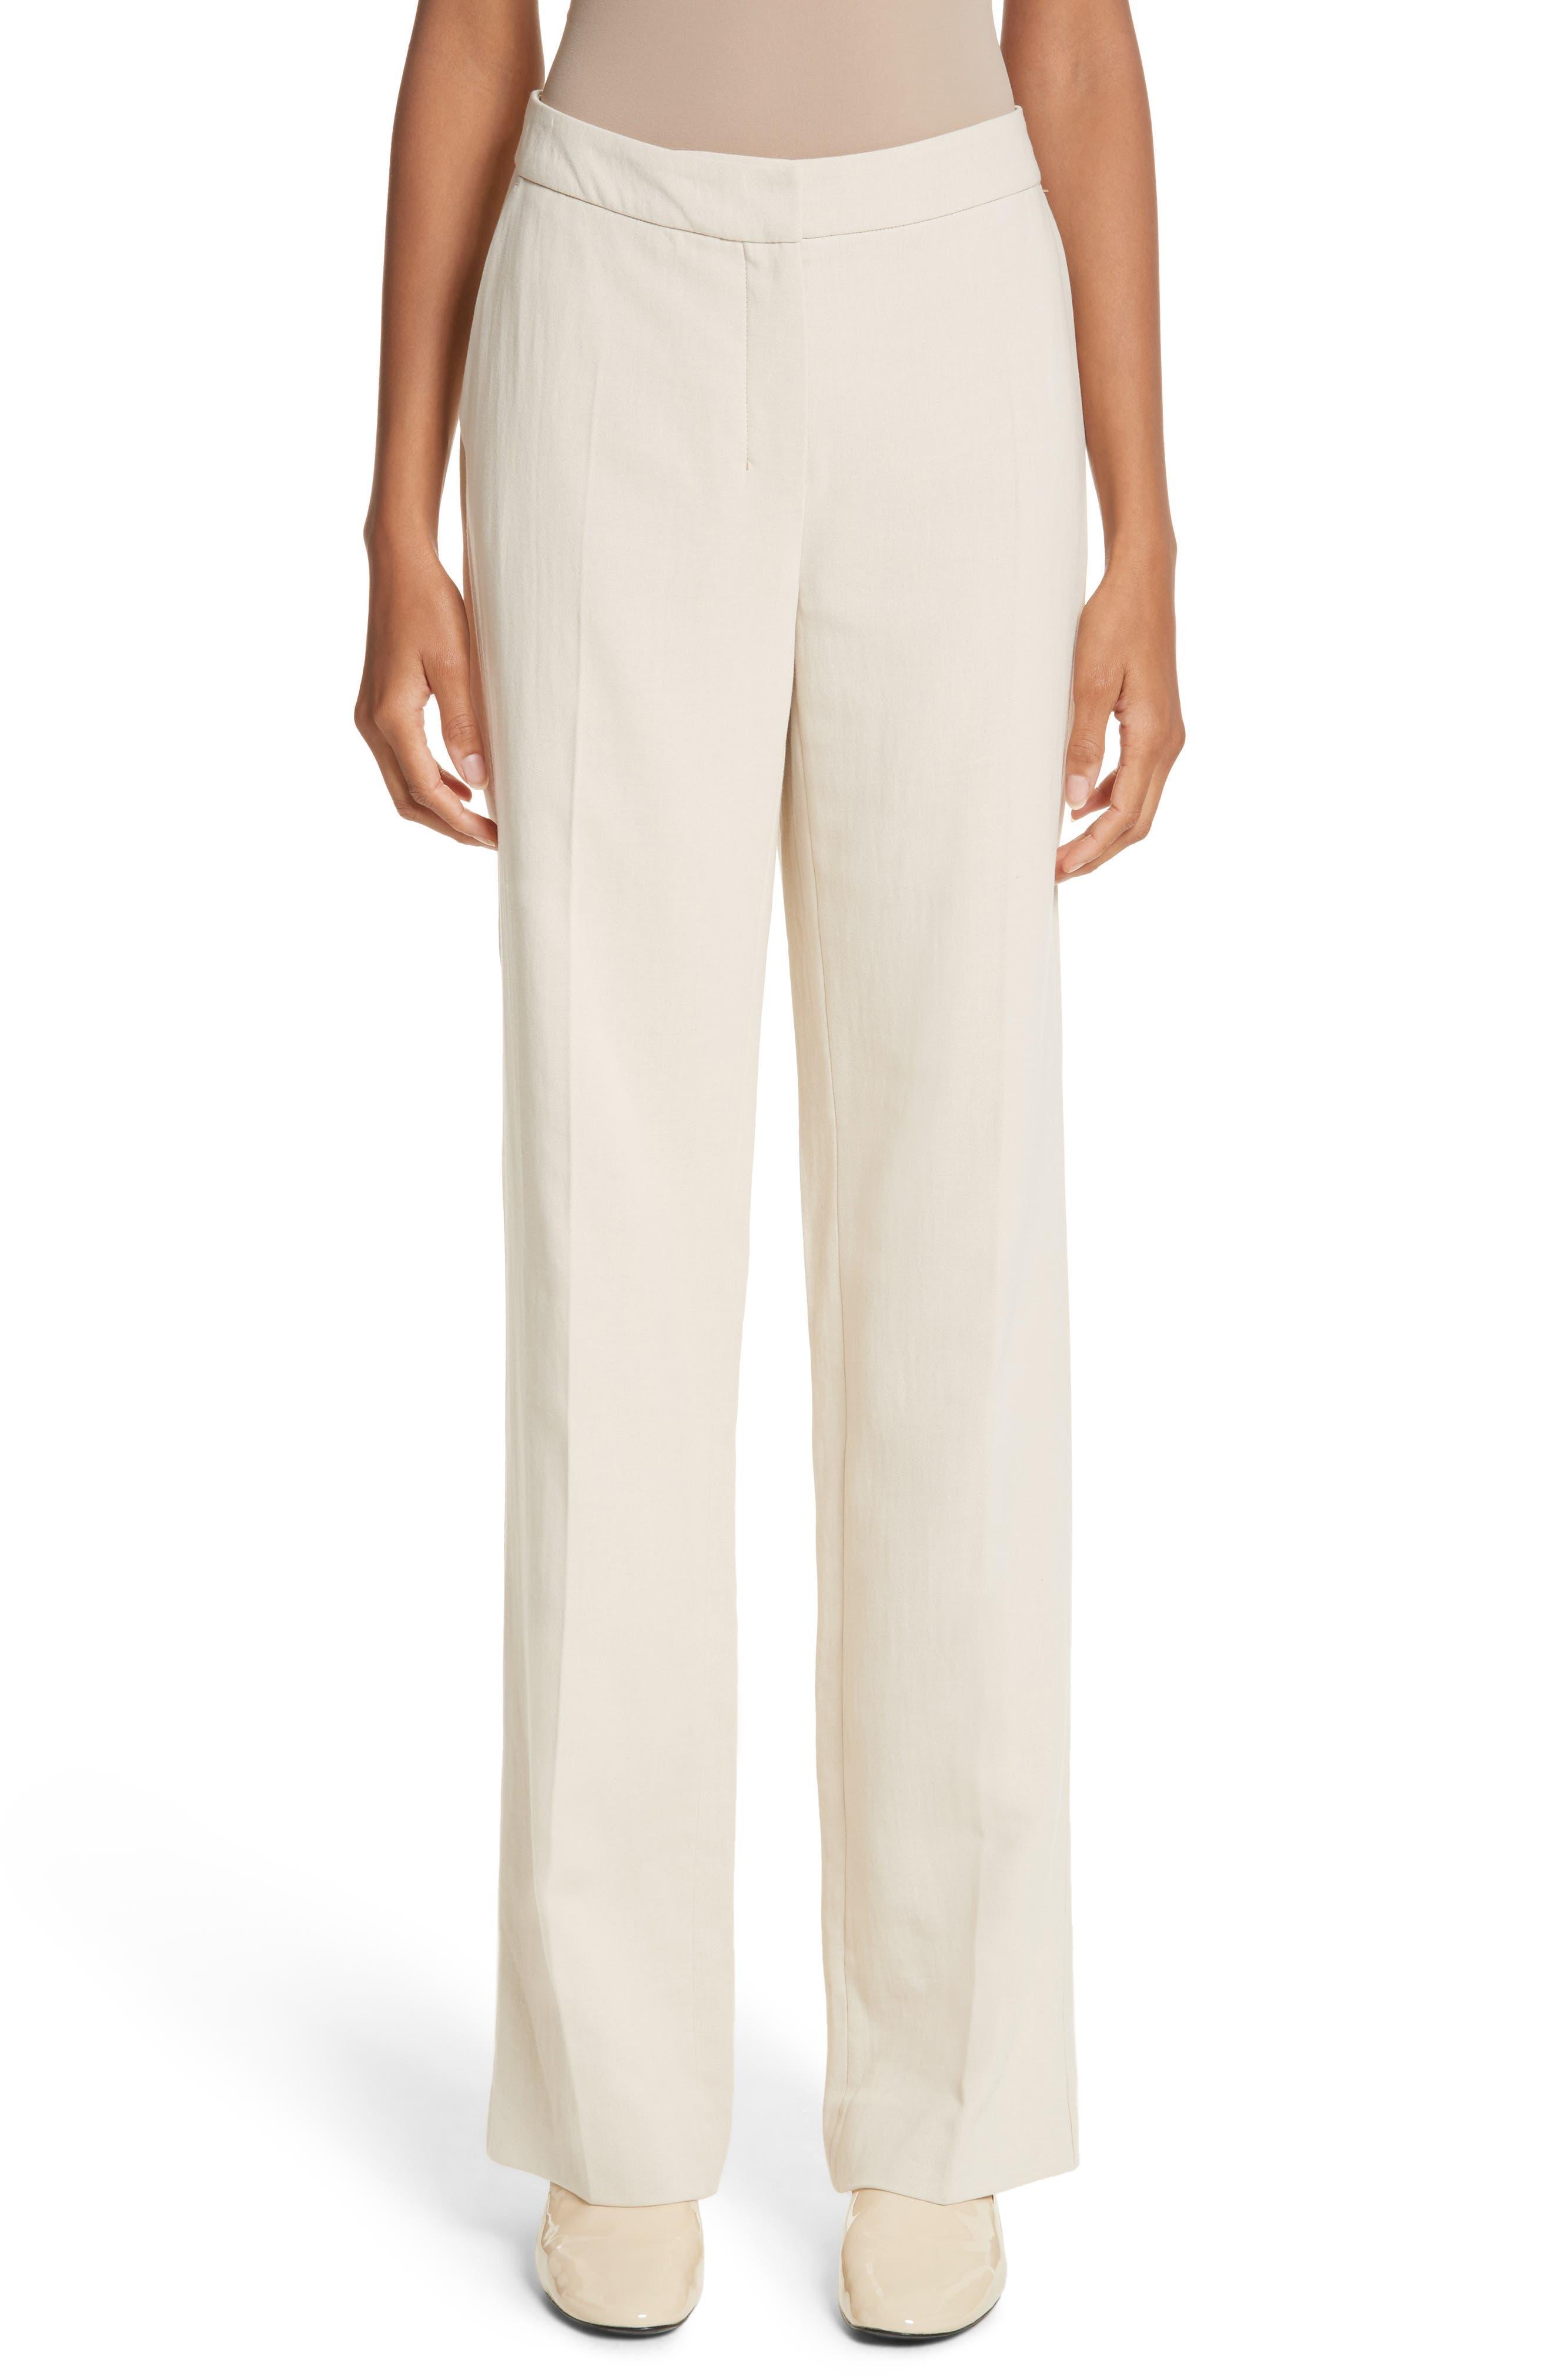 Max Mara Cursore Cotton Wide Leg Pants